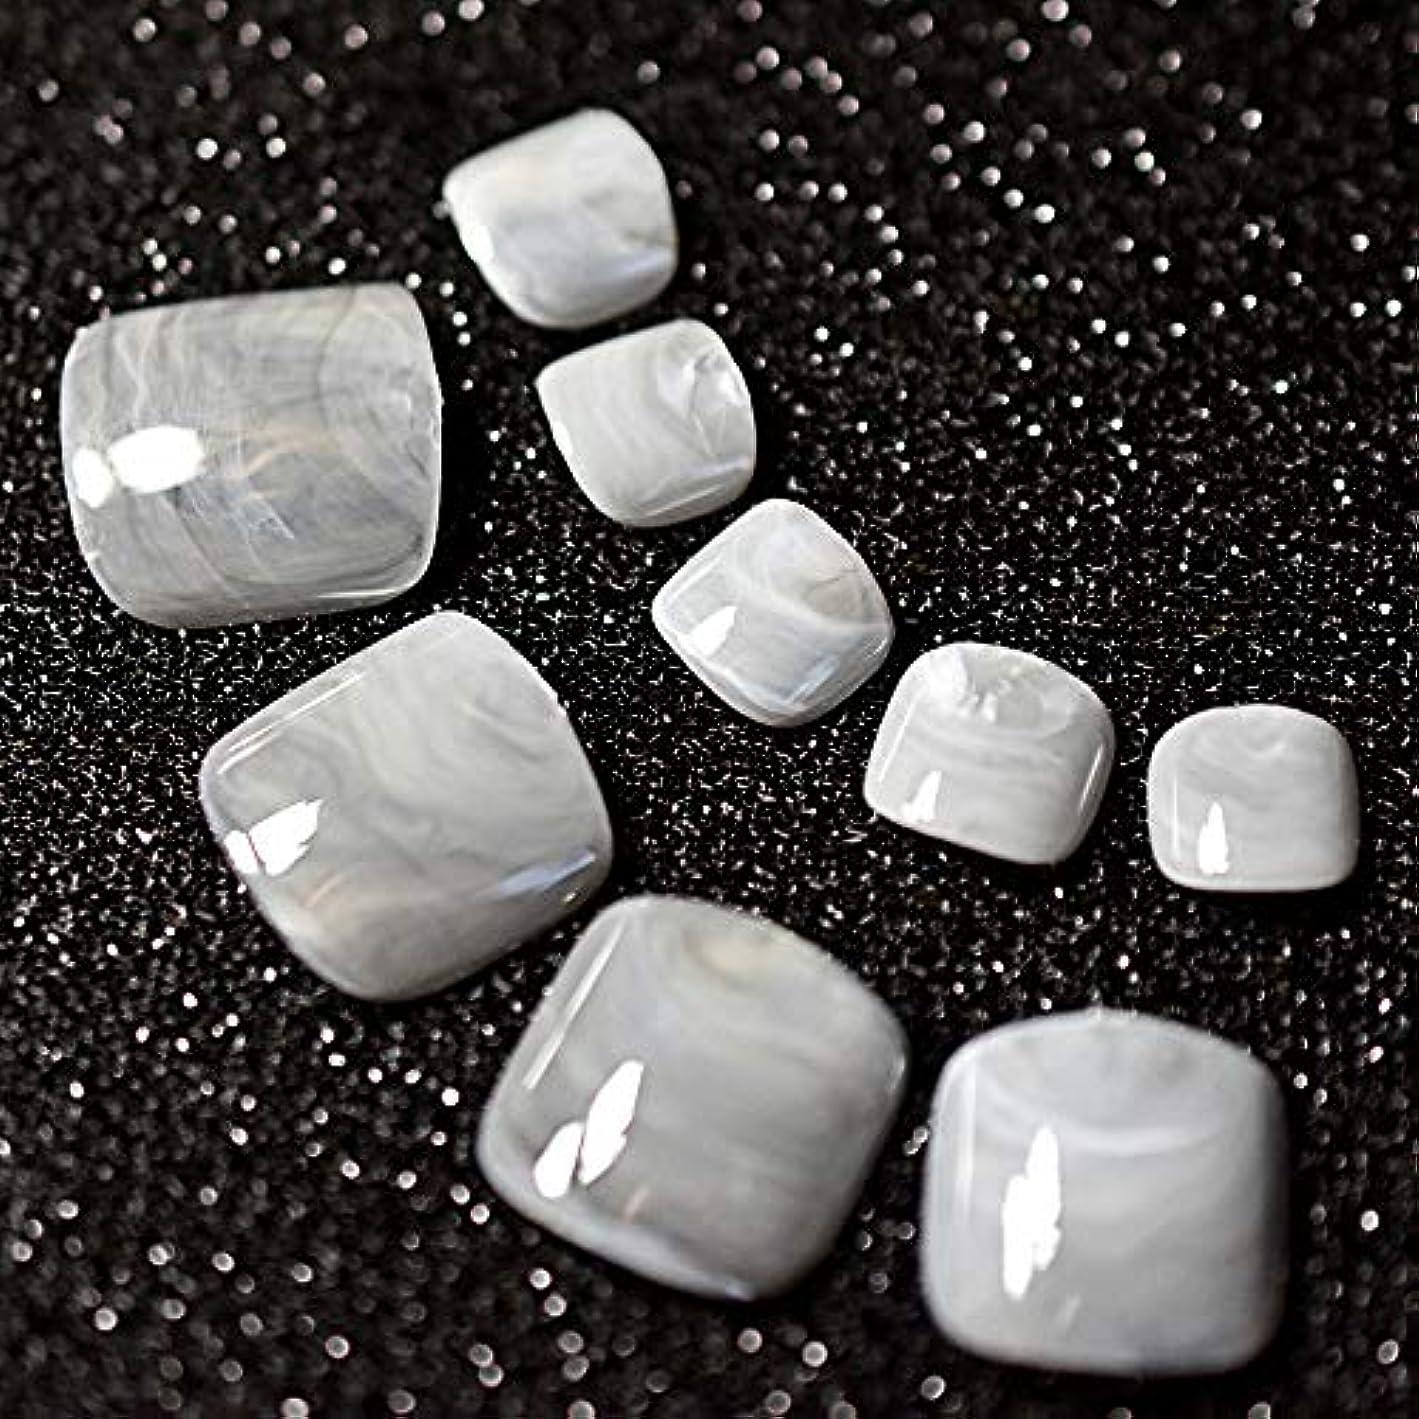 スモッグ手を差し伸べる群れXUTXZKA 24ピースグレー大理石の足の爪偽の人工足の爪足の化粧の装飾のためのヒント